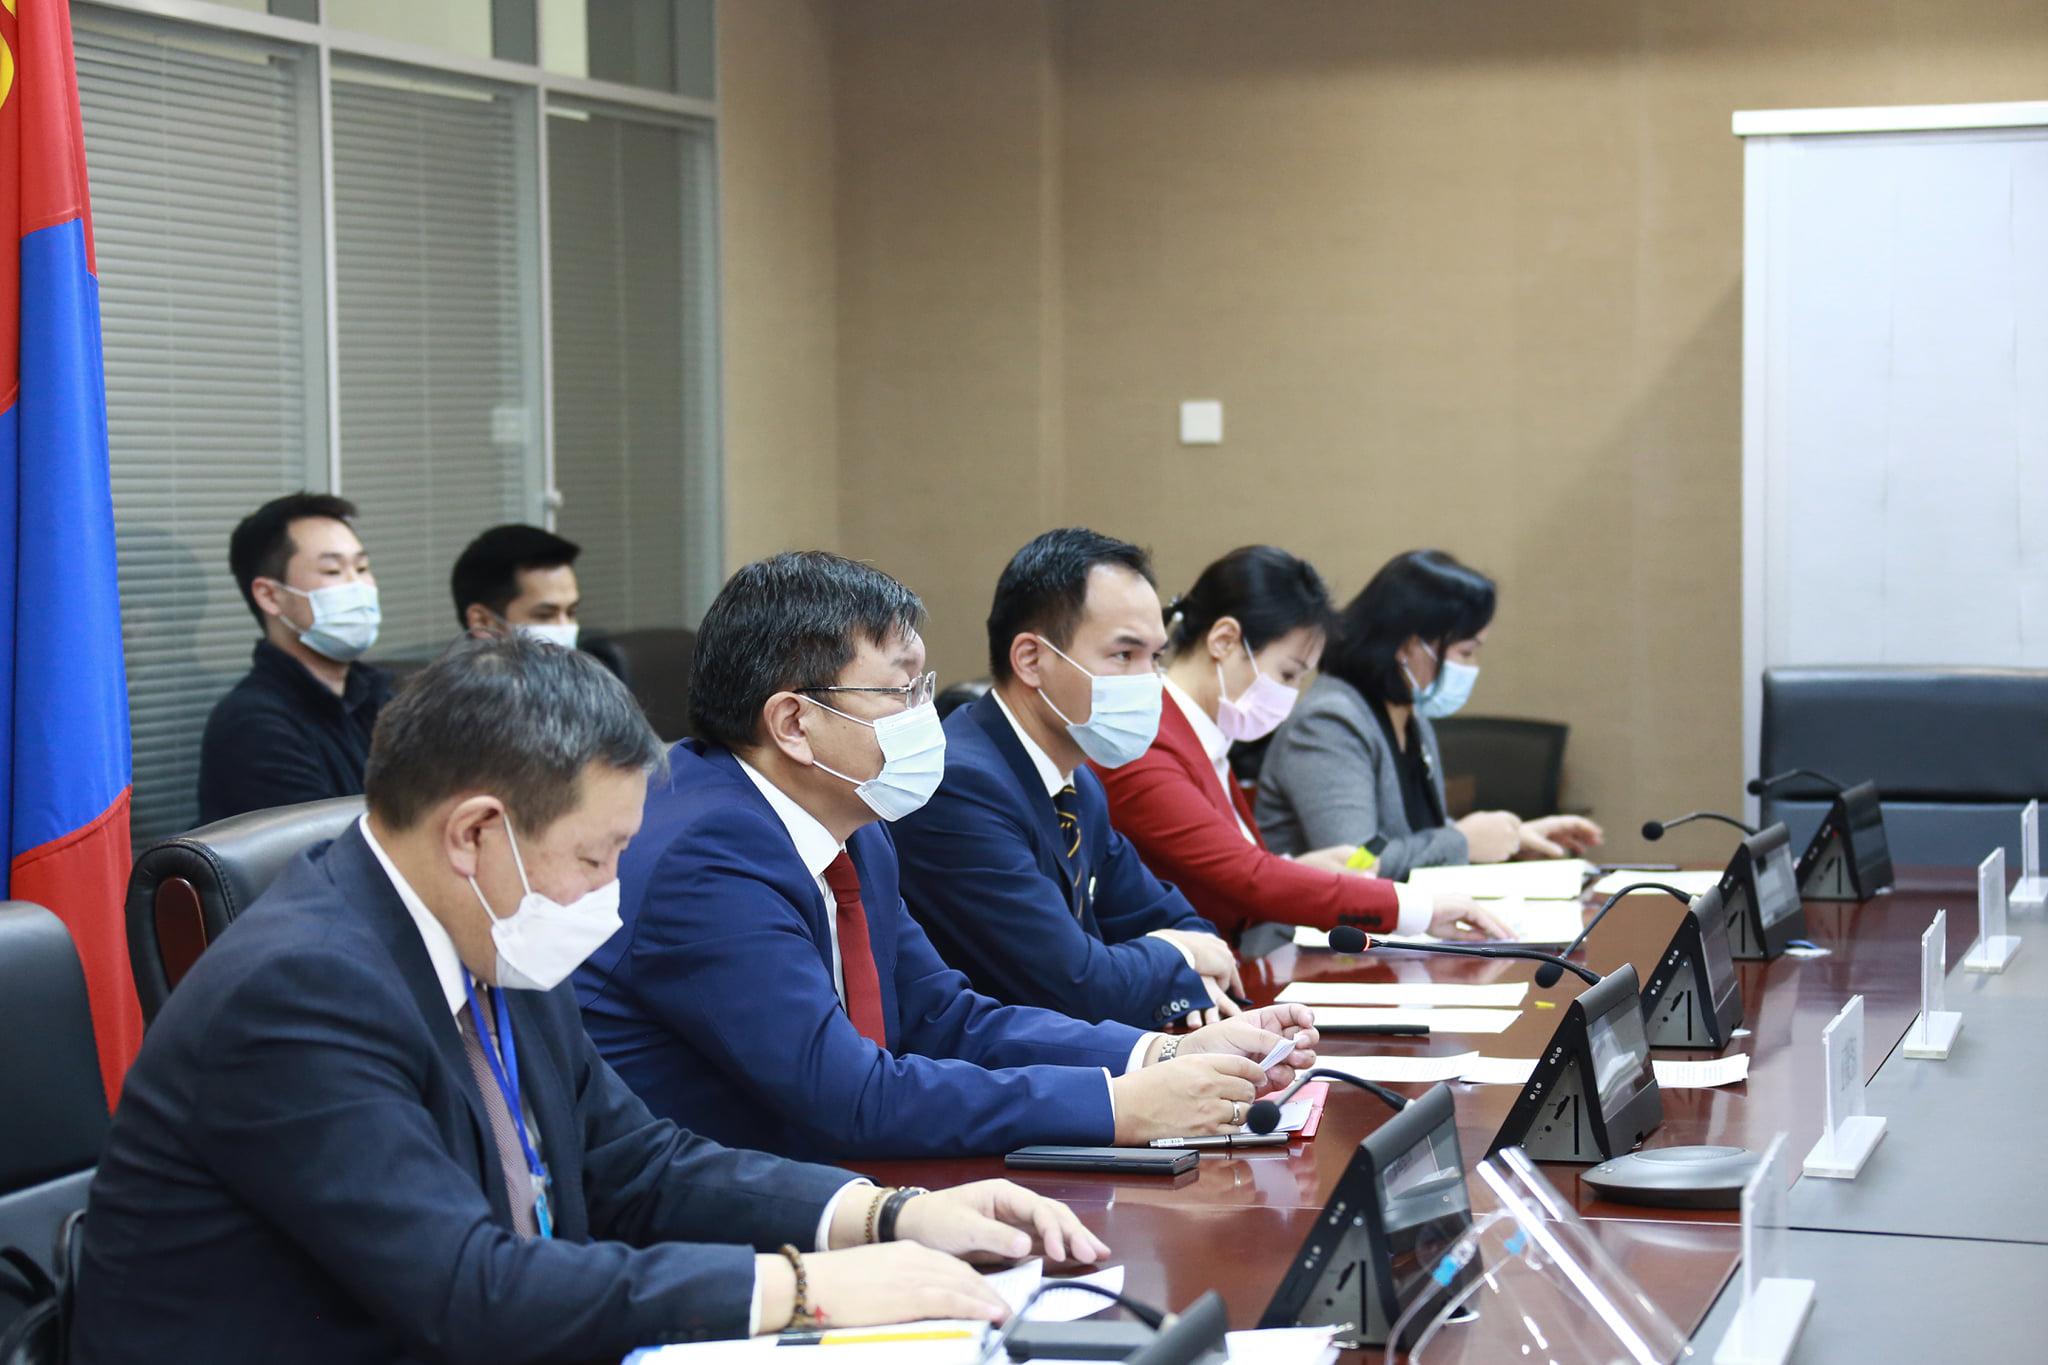 Монгол, Хятадын Засгийн газар хоорондын комиссын хуралдаан зохион байгуулав